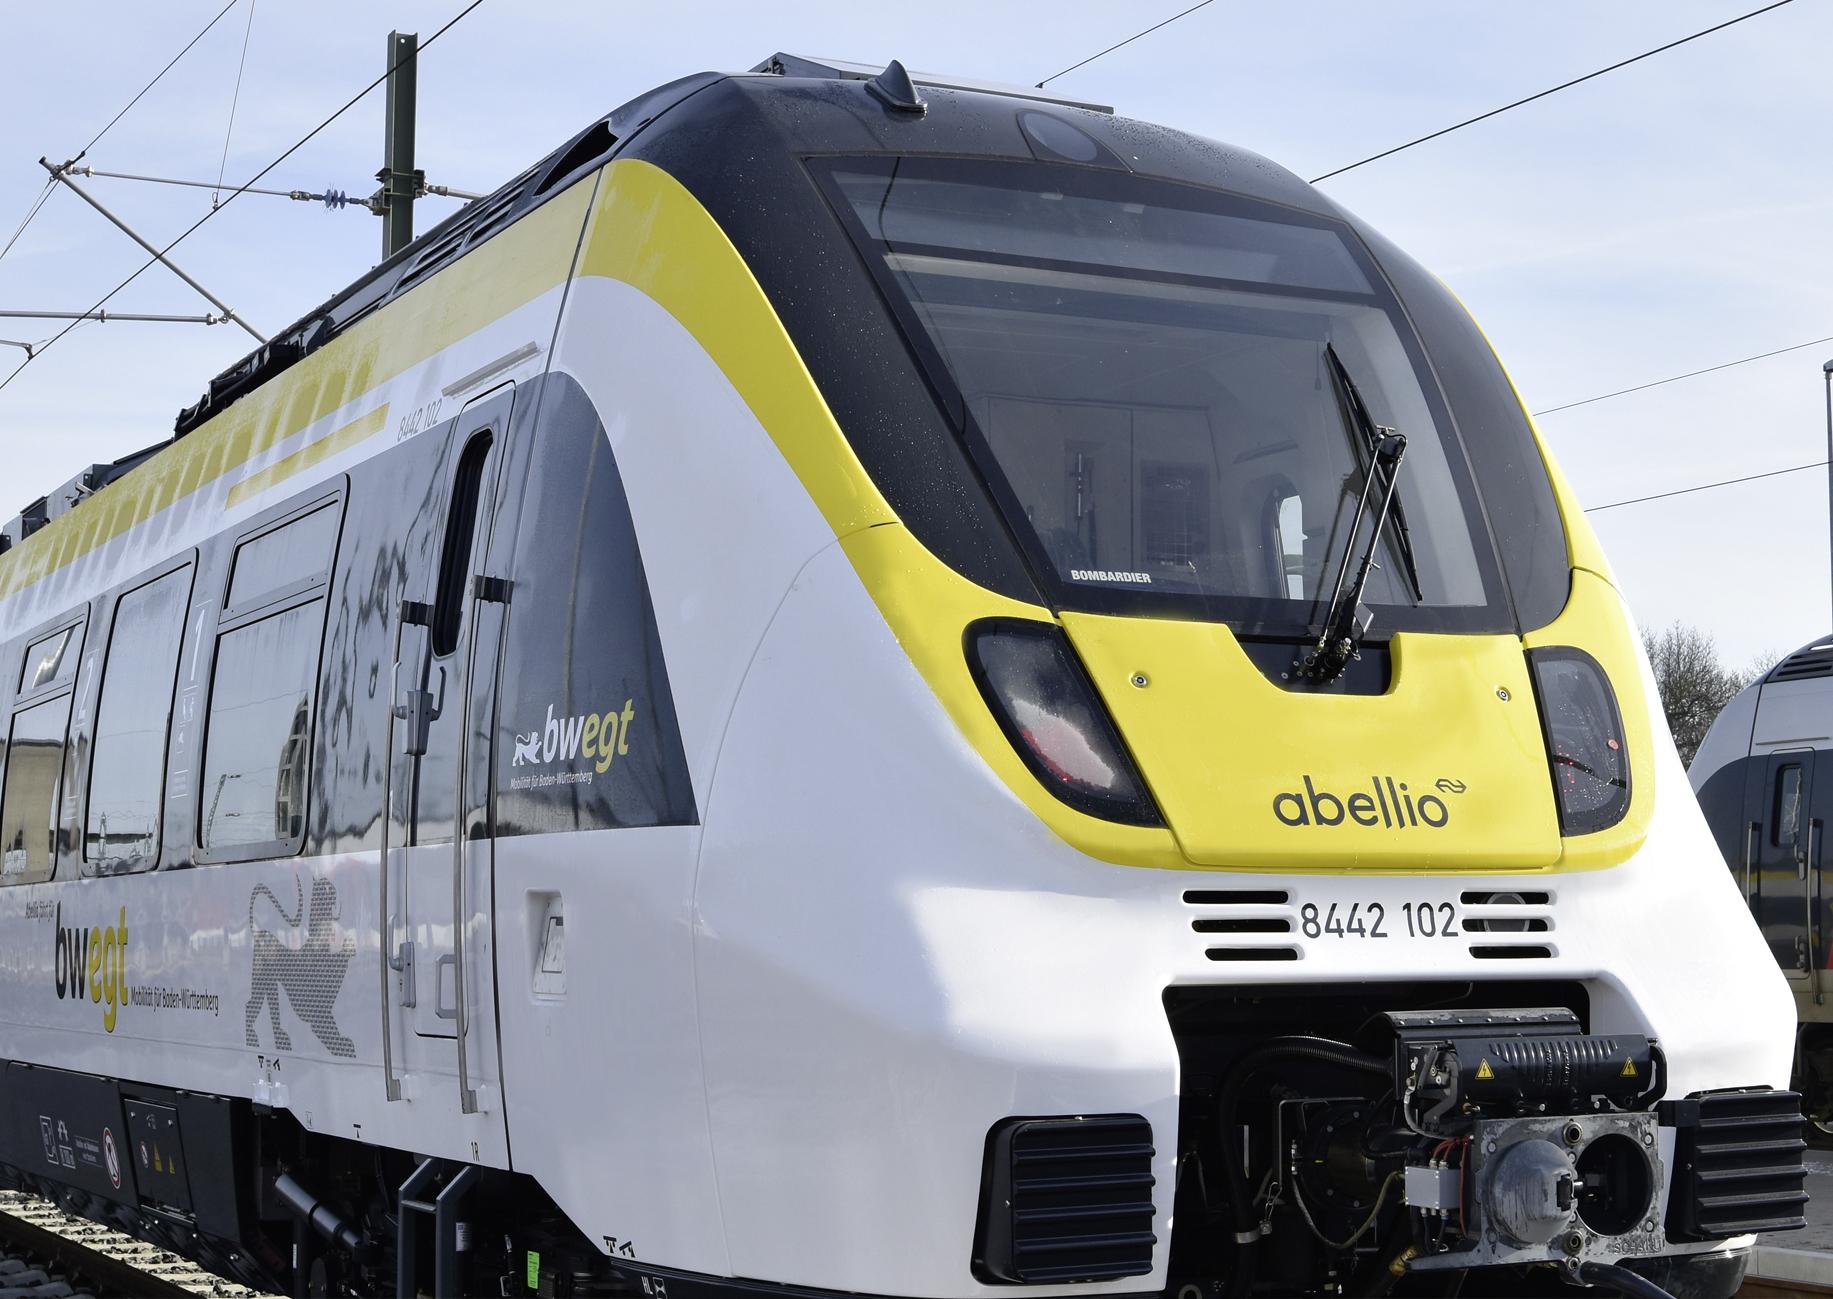 Ein Triebzug von Abellio in Stuttgart mit leerem Führerstand